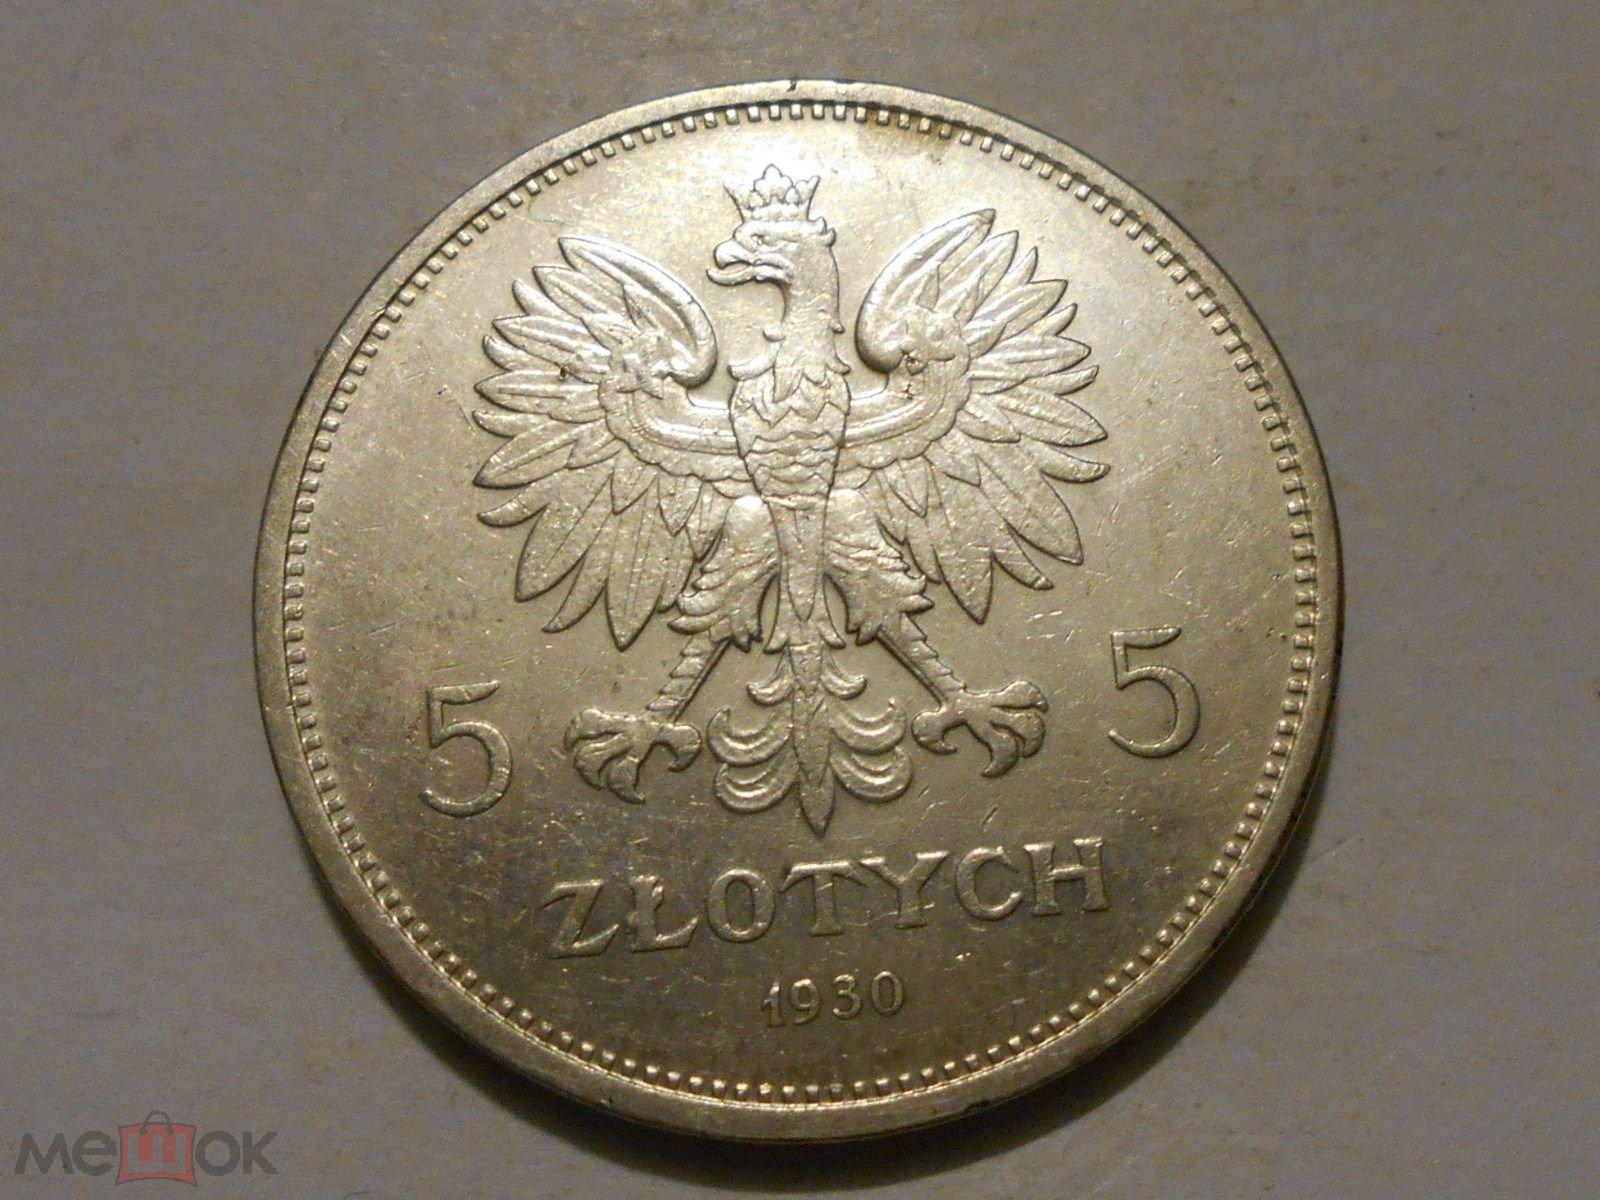 5 злотых 1930 года*знамена* цена 20 копеек 1952 цена